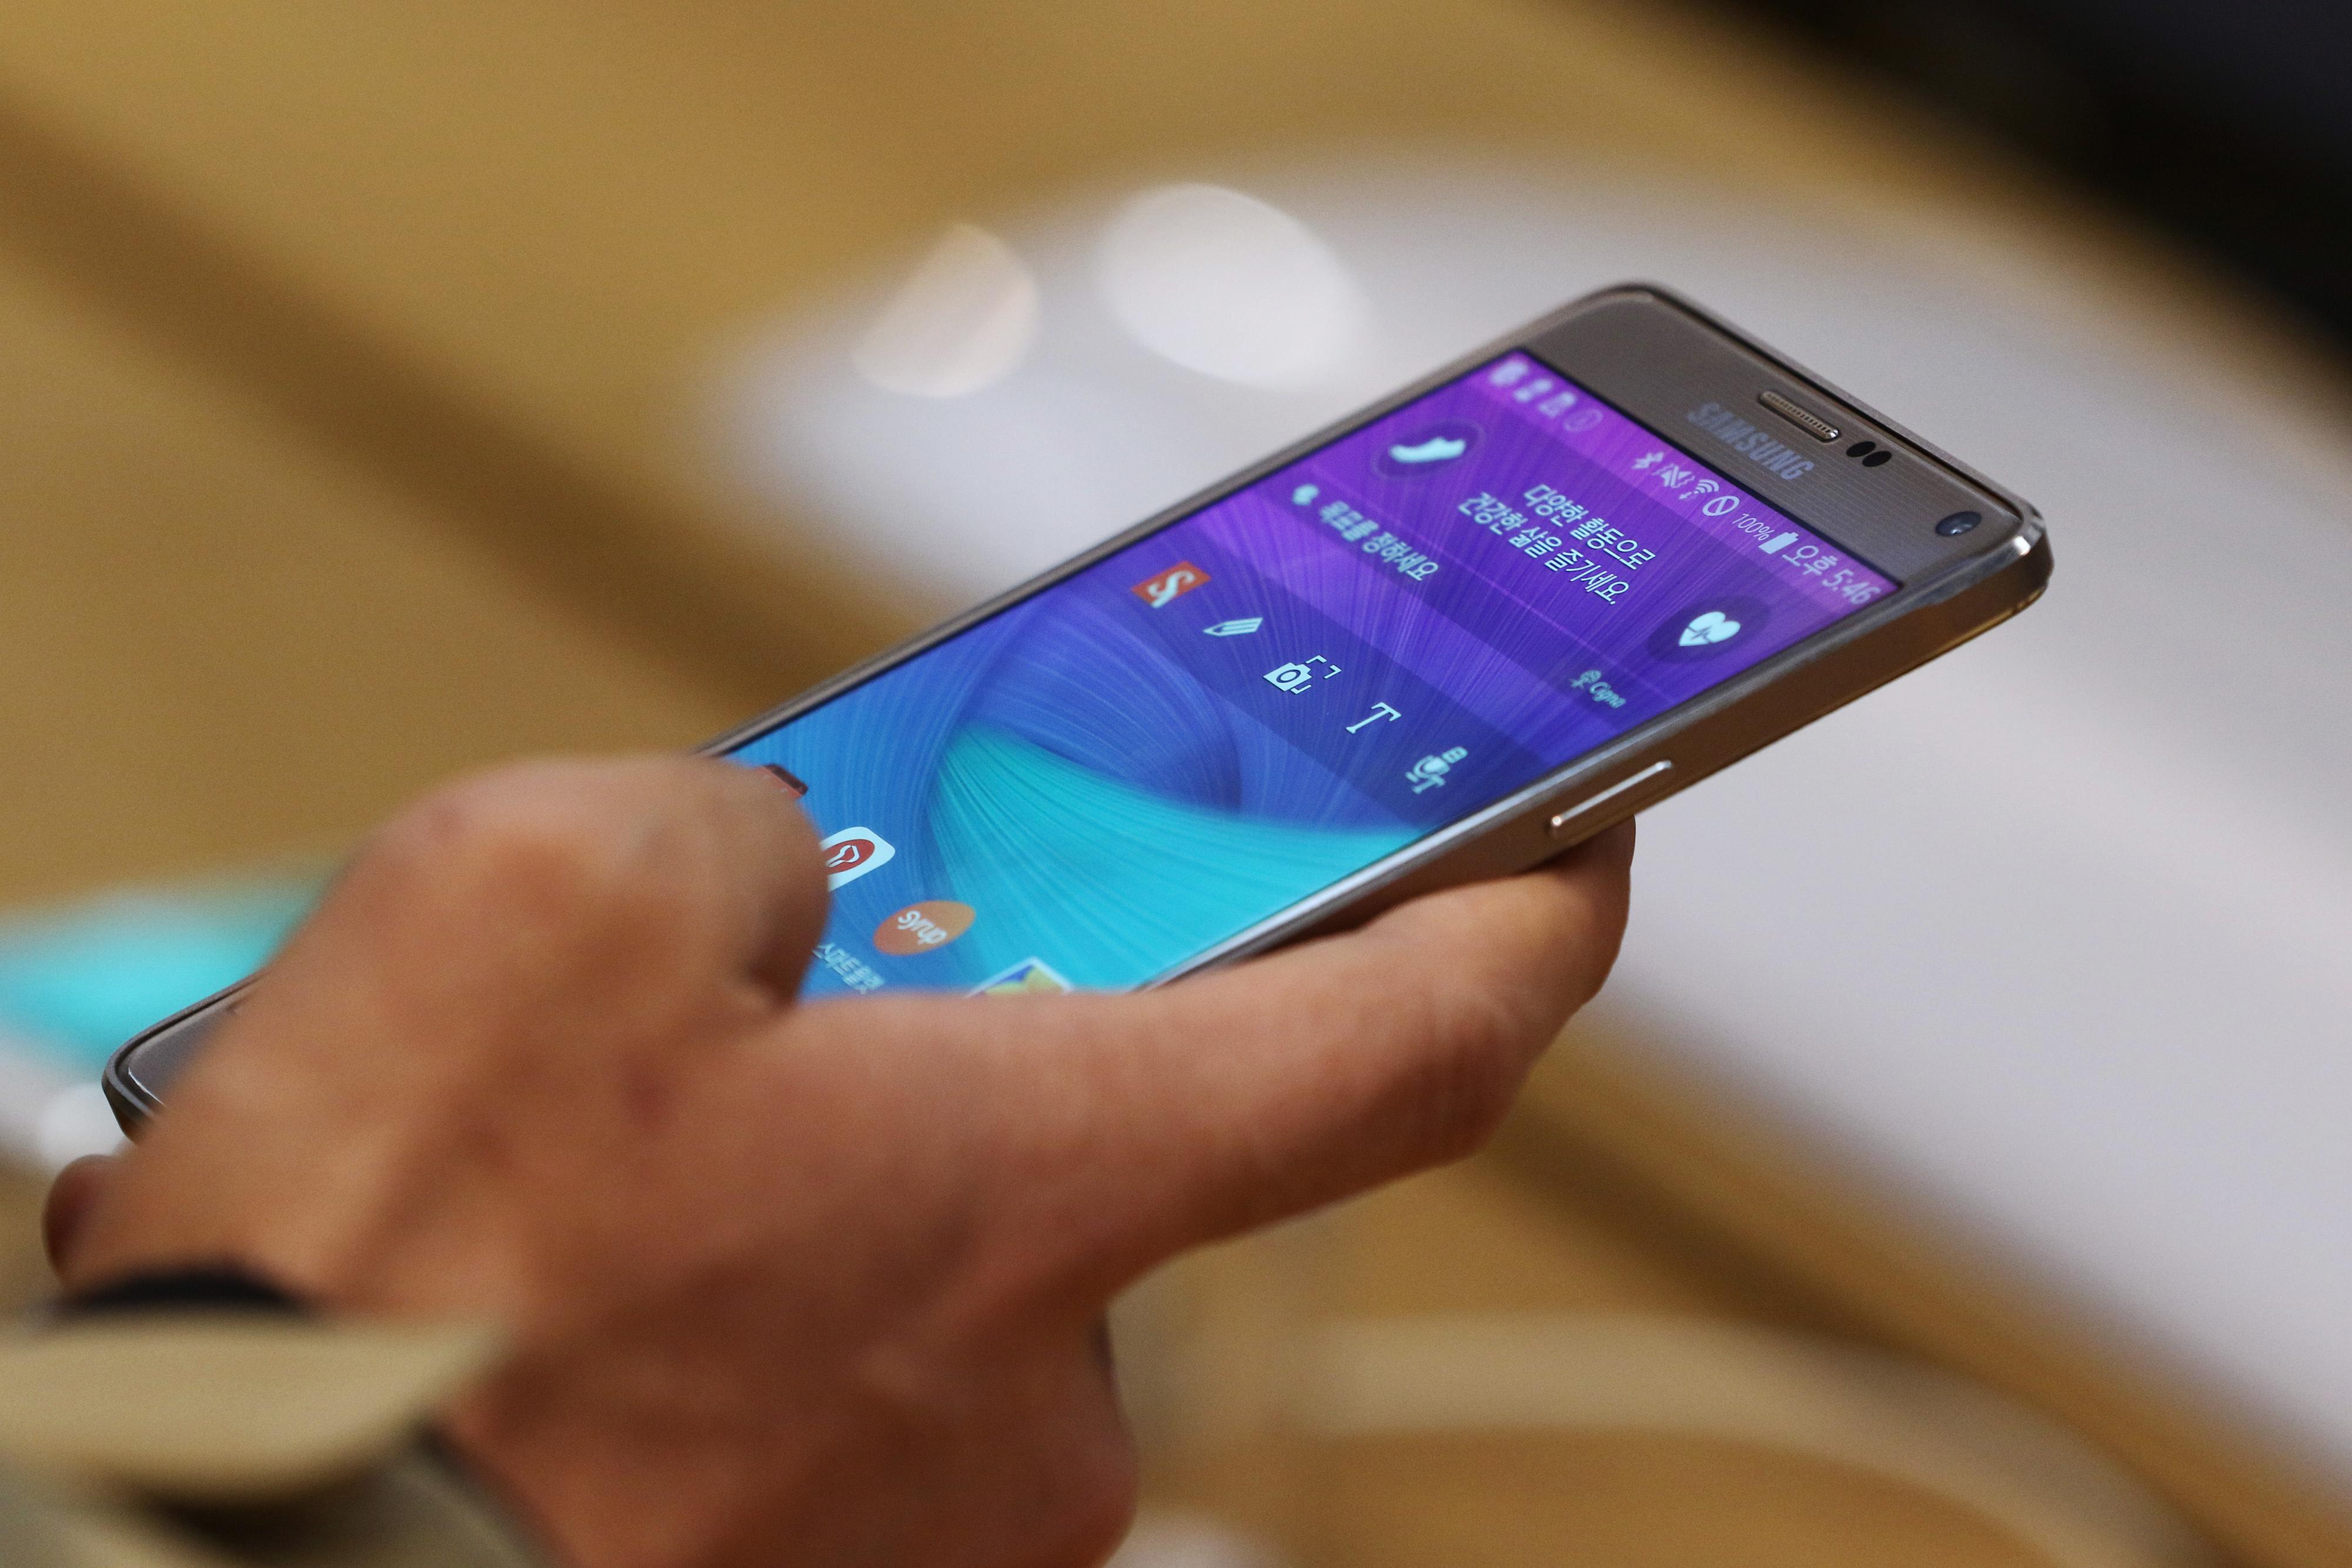 美國主管機關要求召回部份整新品 Galaxy Note 4 的電池